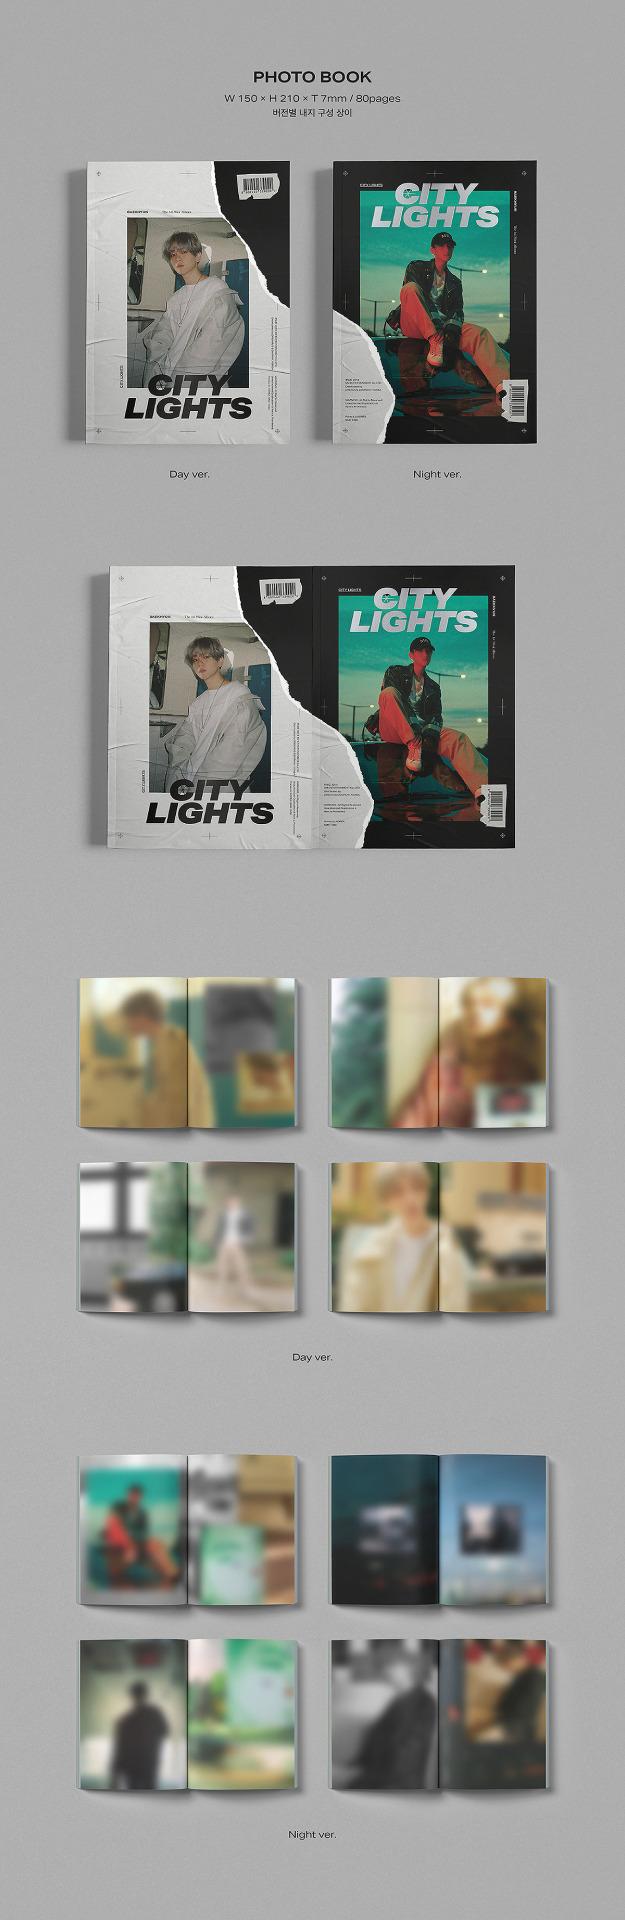 P Album Details Tumblr